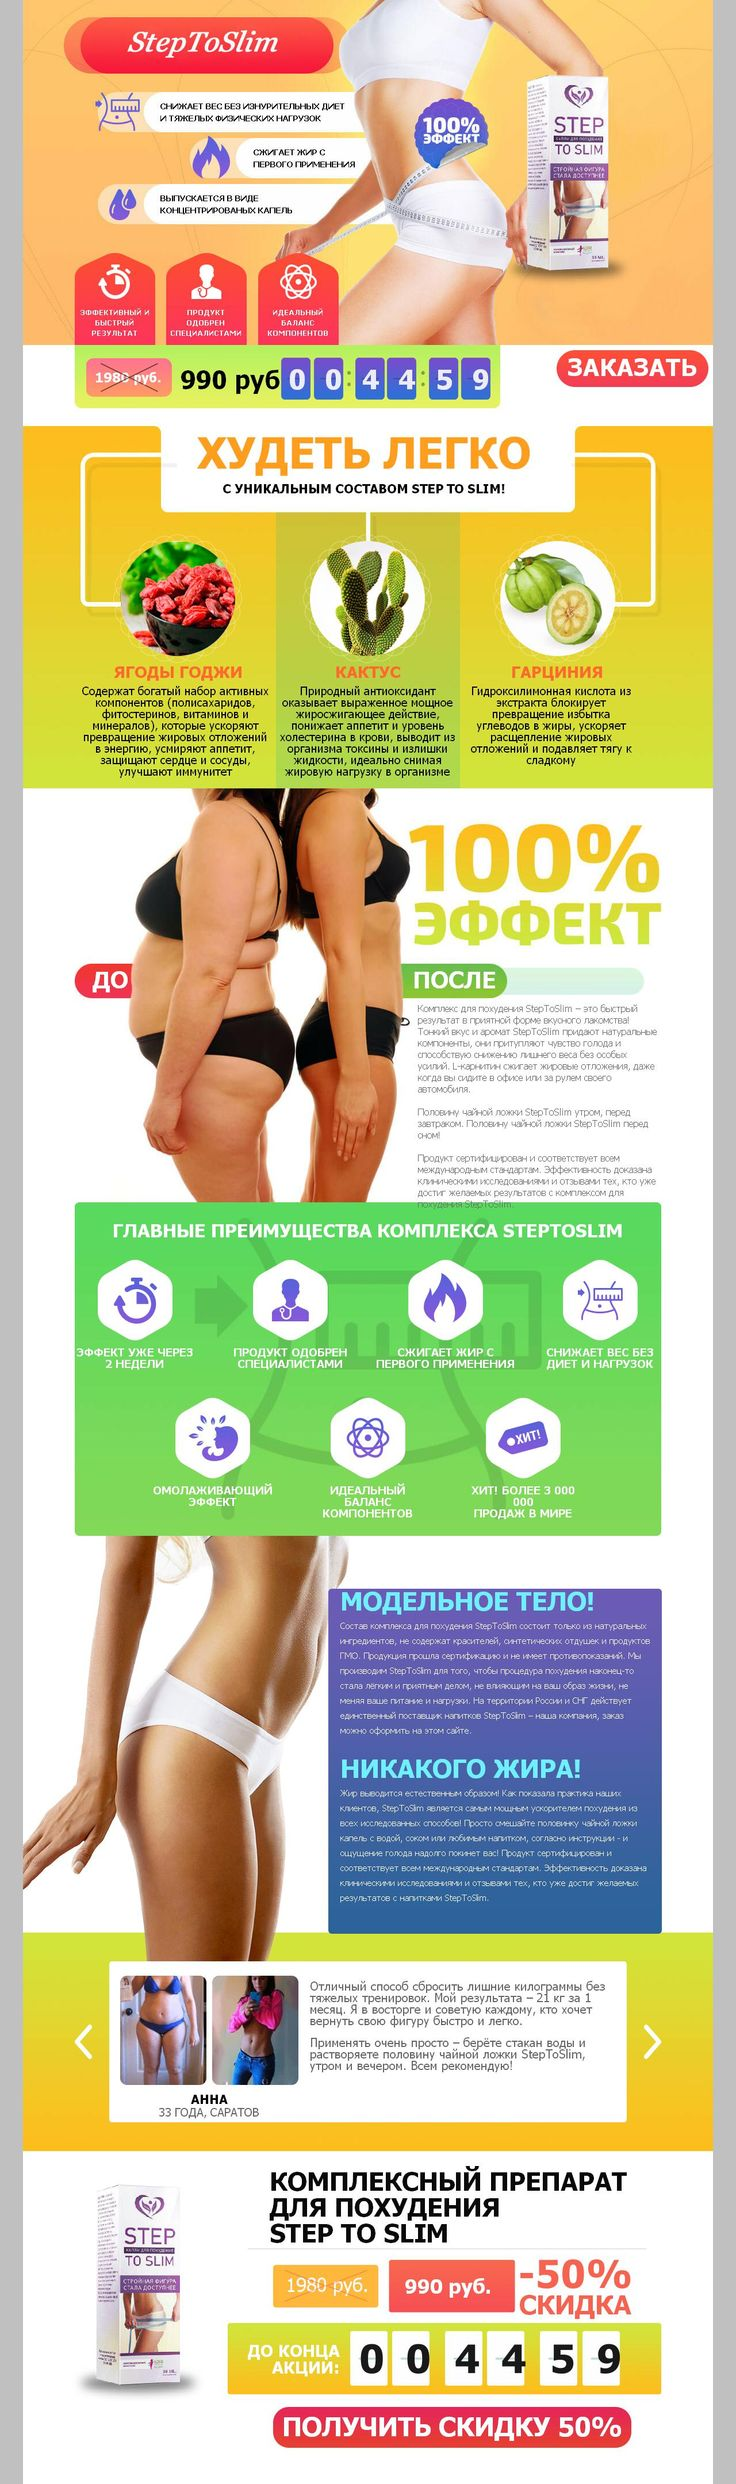 100 Эффект Похудения.